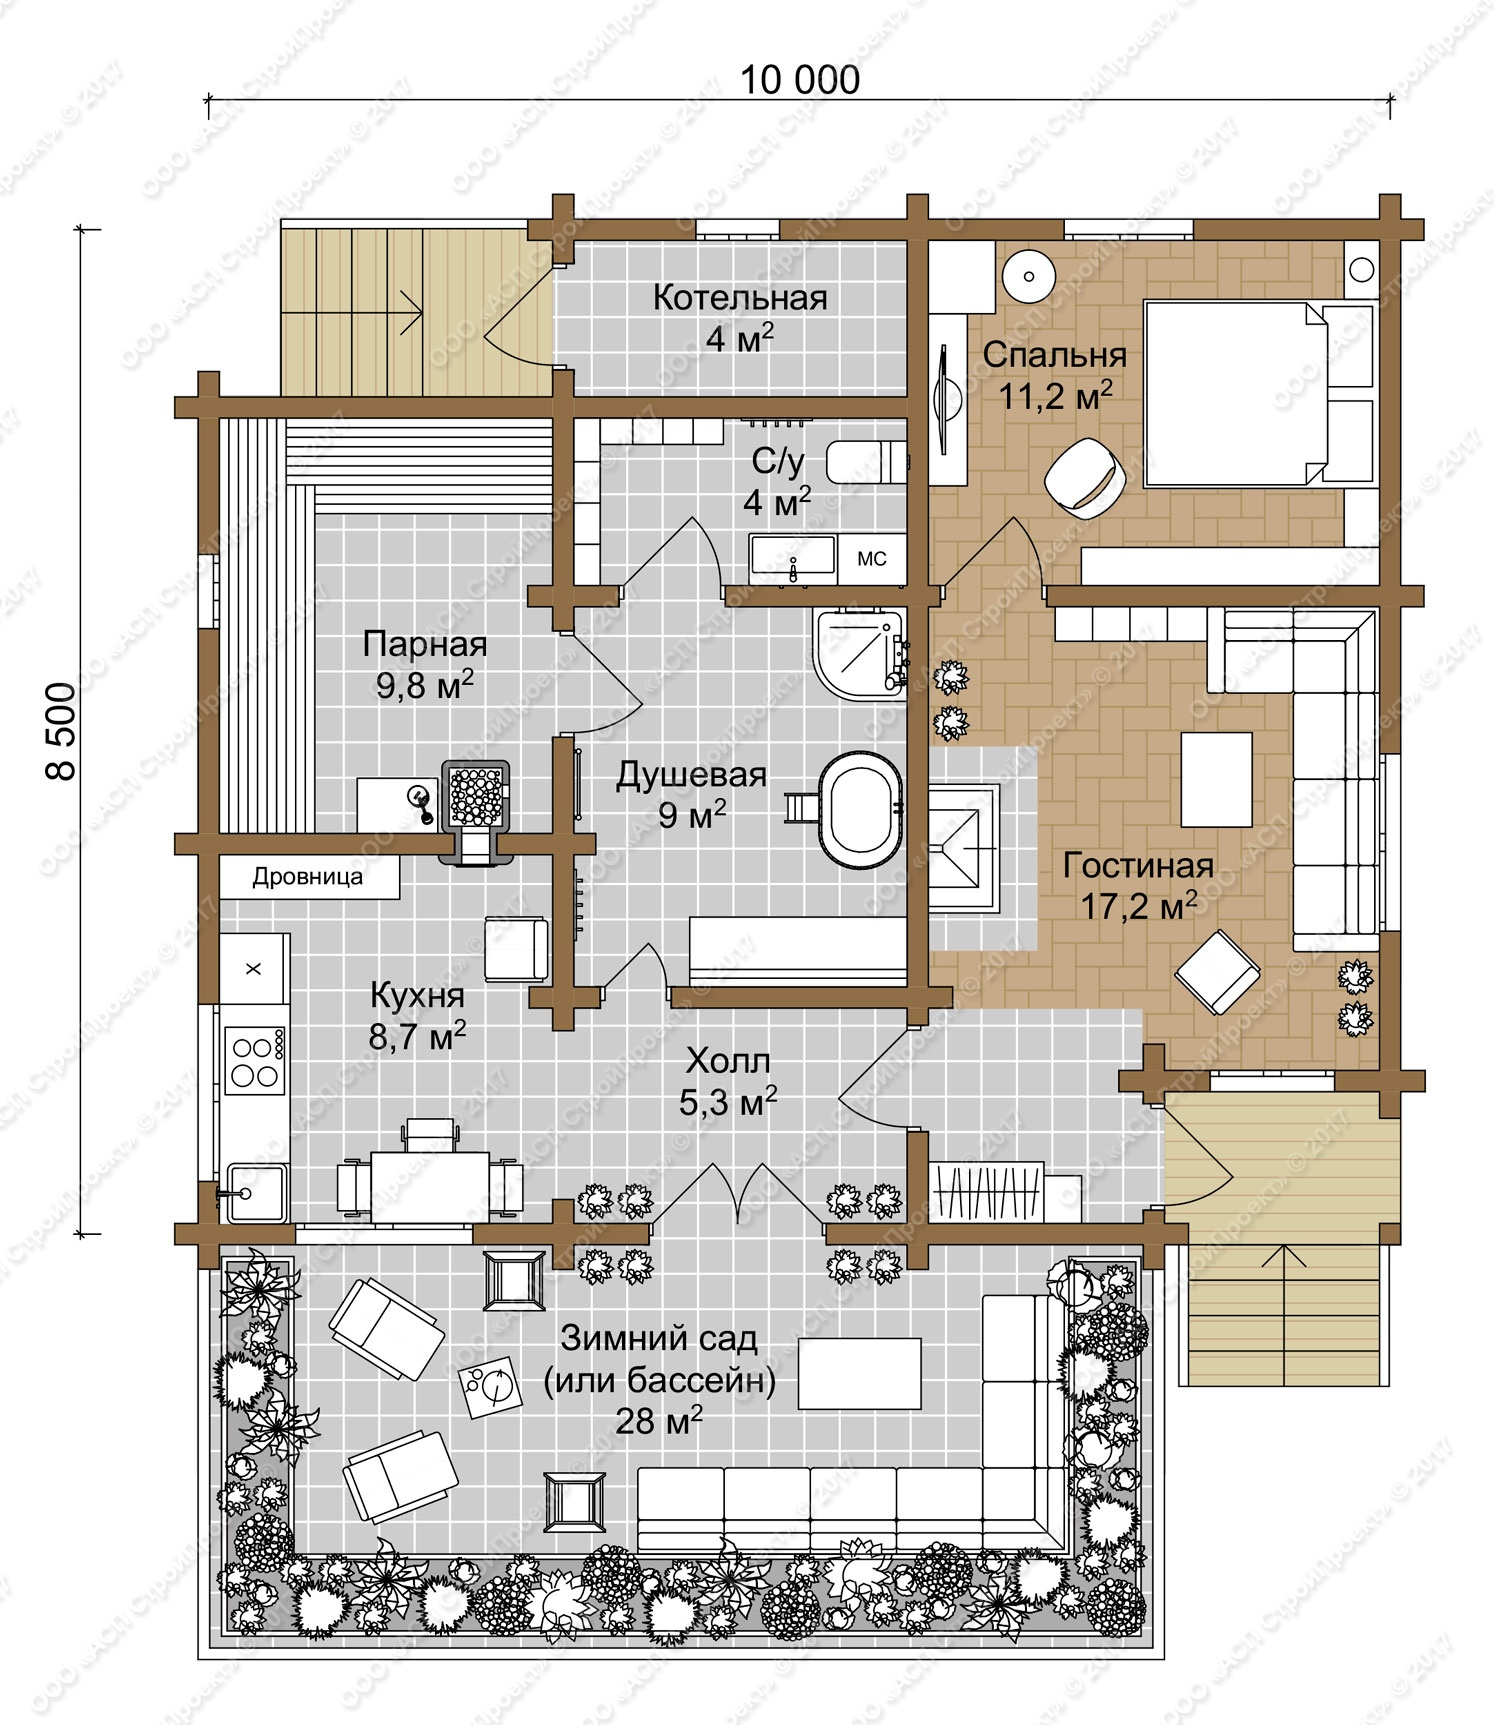 Проекты дома-бани (67 фото): одноэтажные варианты размером 6х8 под одной крышей с гаражом, двухэтажные бани с пристроем и бильярдом